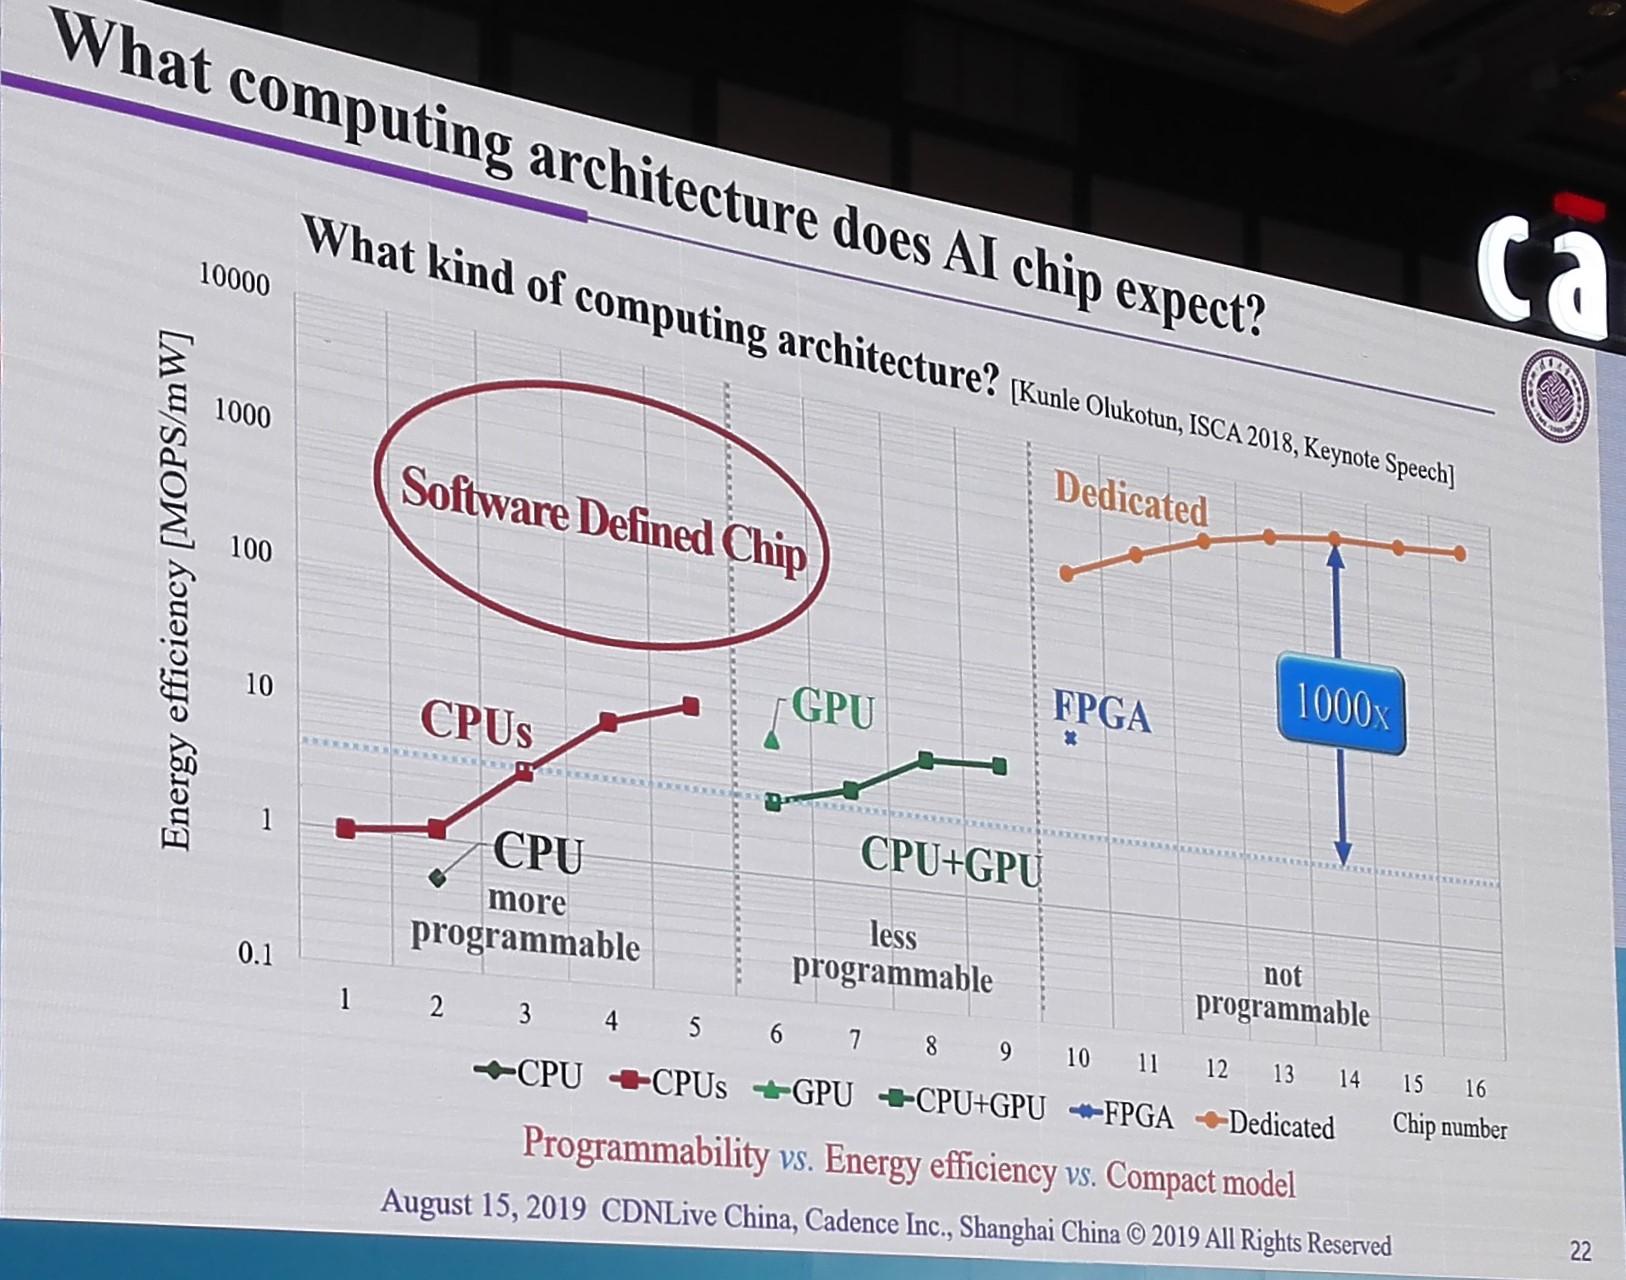 软件定义芯片与现有计算架构芯片的关系